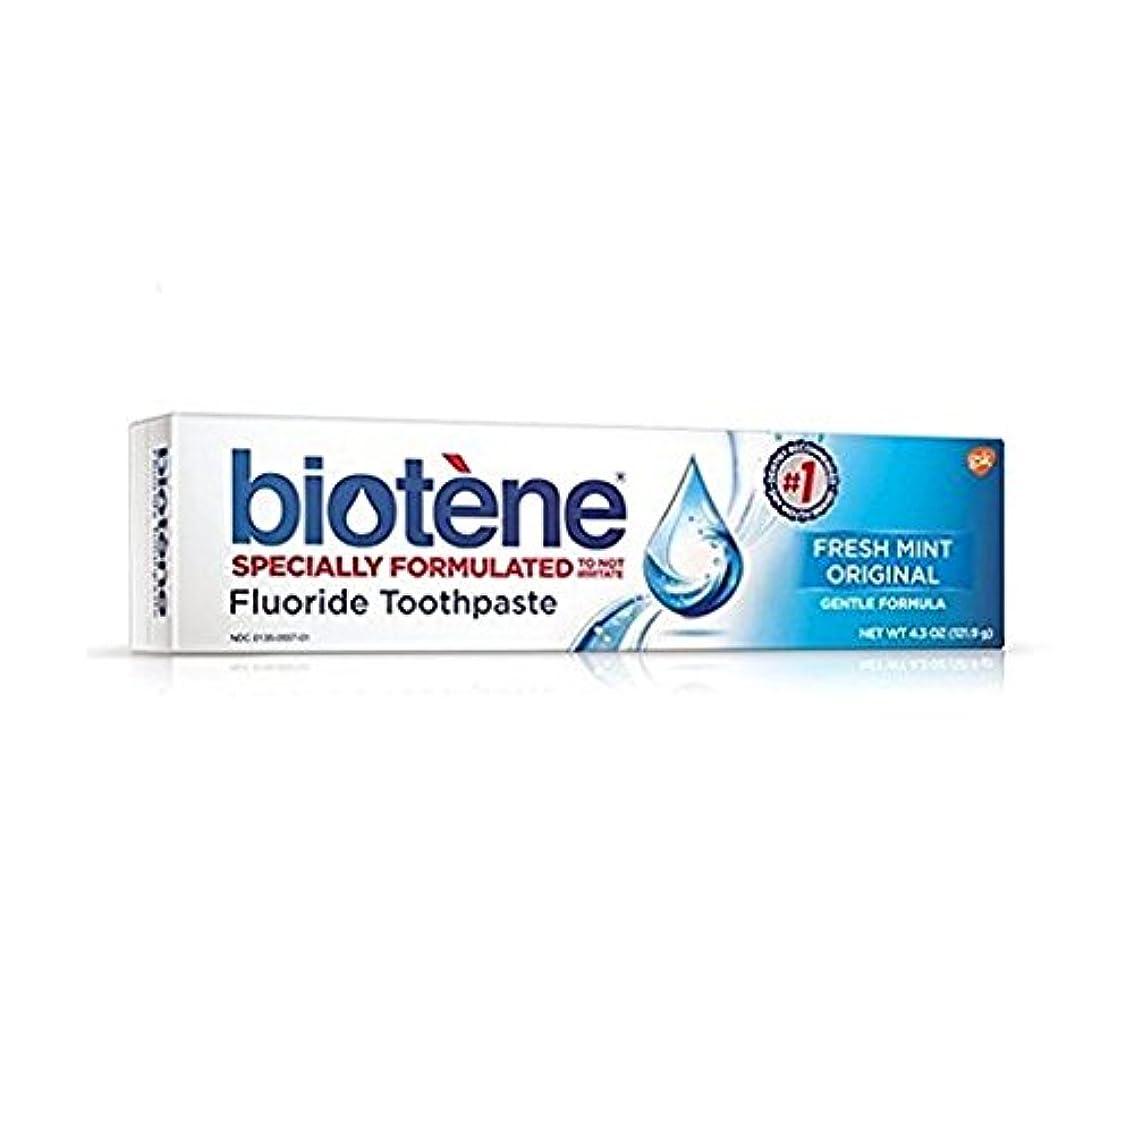 不快なロードハウスハウスBiotene Dry Mouth Fluoride Toothpaste Fresh Mint Original 4.3 Oz. (2 Pack) by Biotene